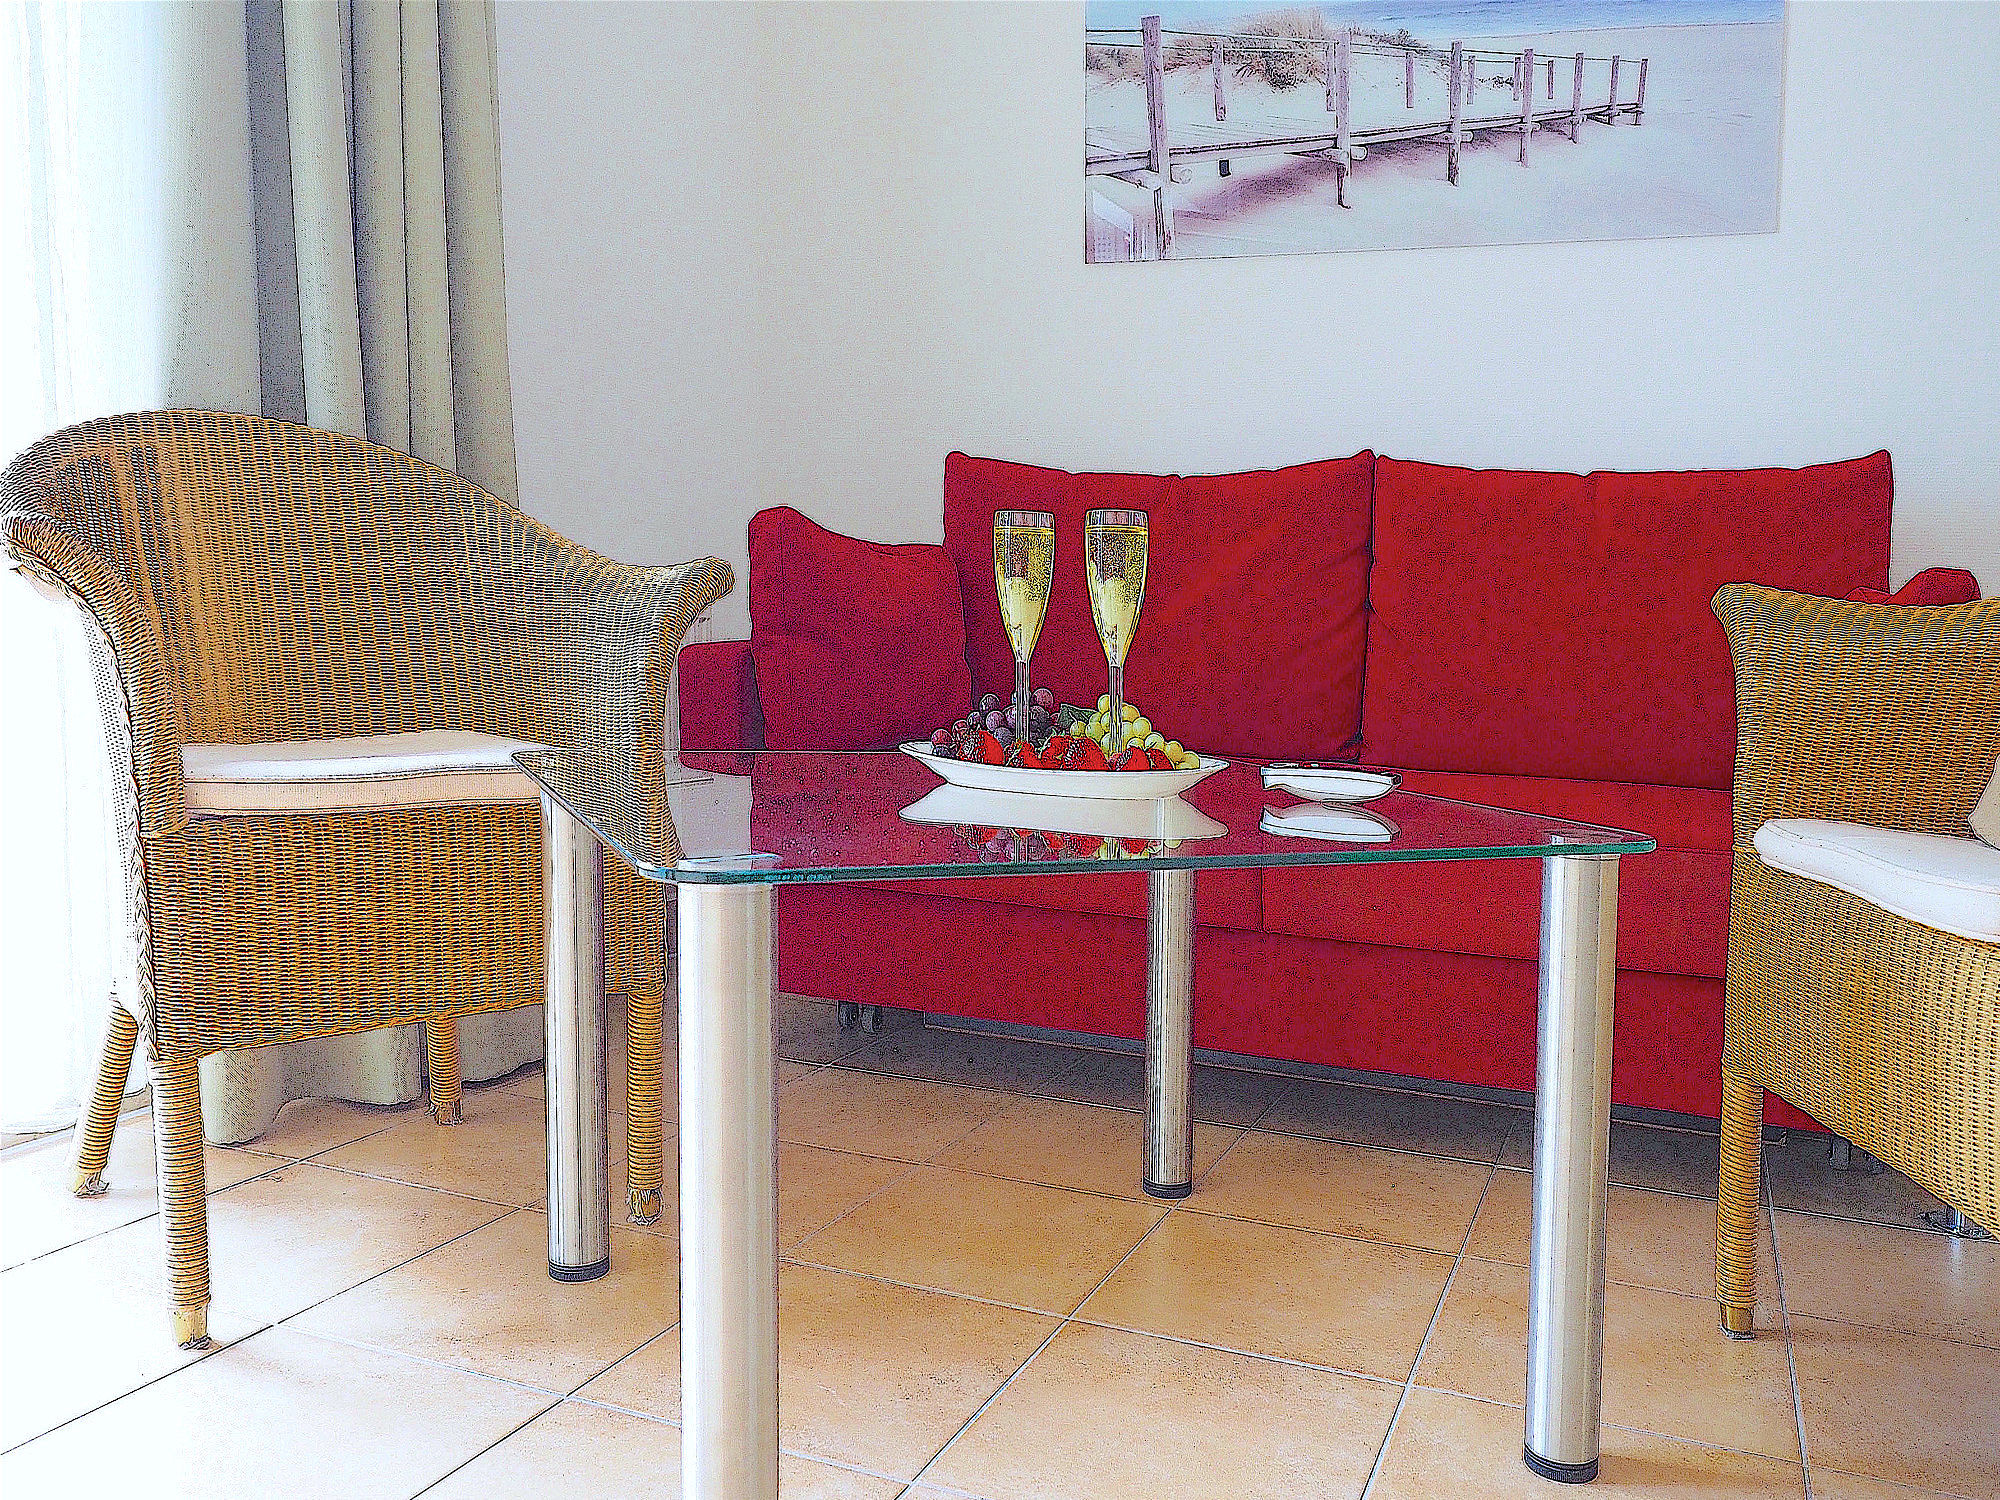 Innenaustattung von der Ferienwohnung Strandpalais Ferienwohnung 26 im Ostseebad Boltenhagen